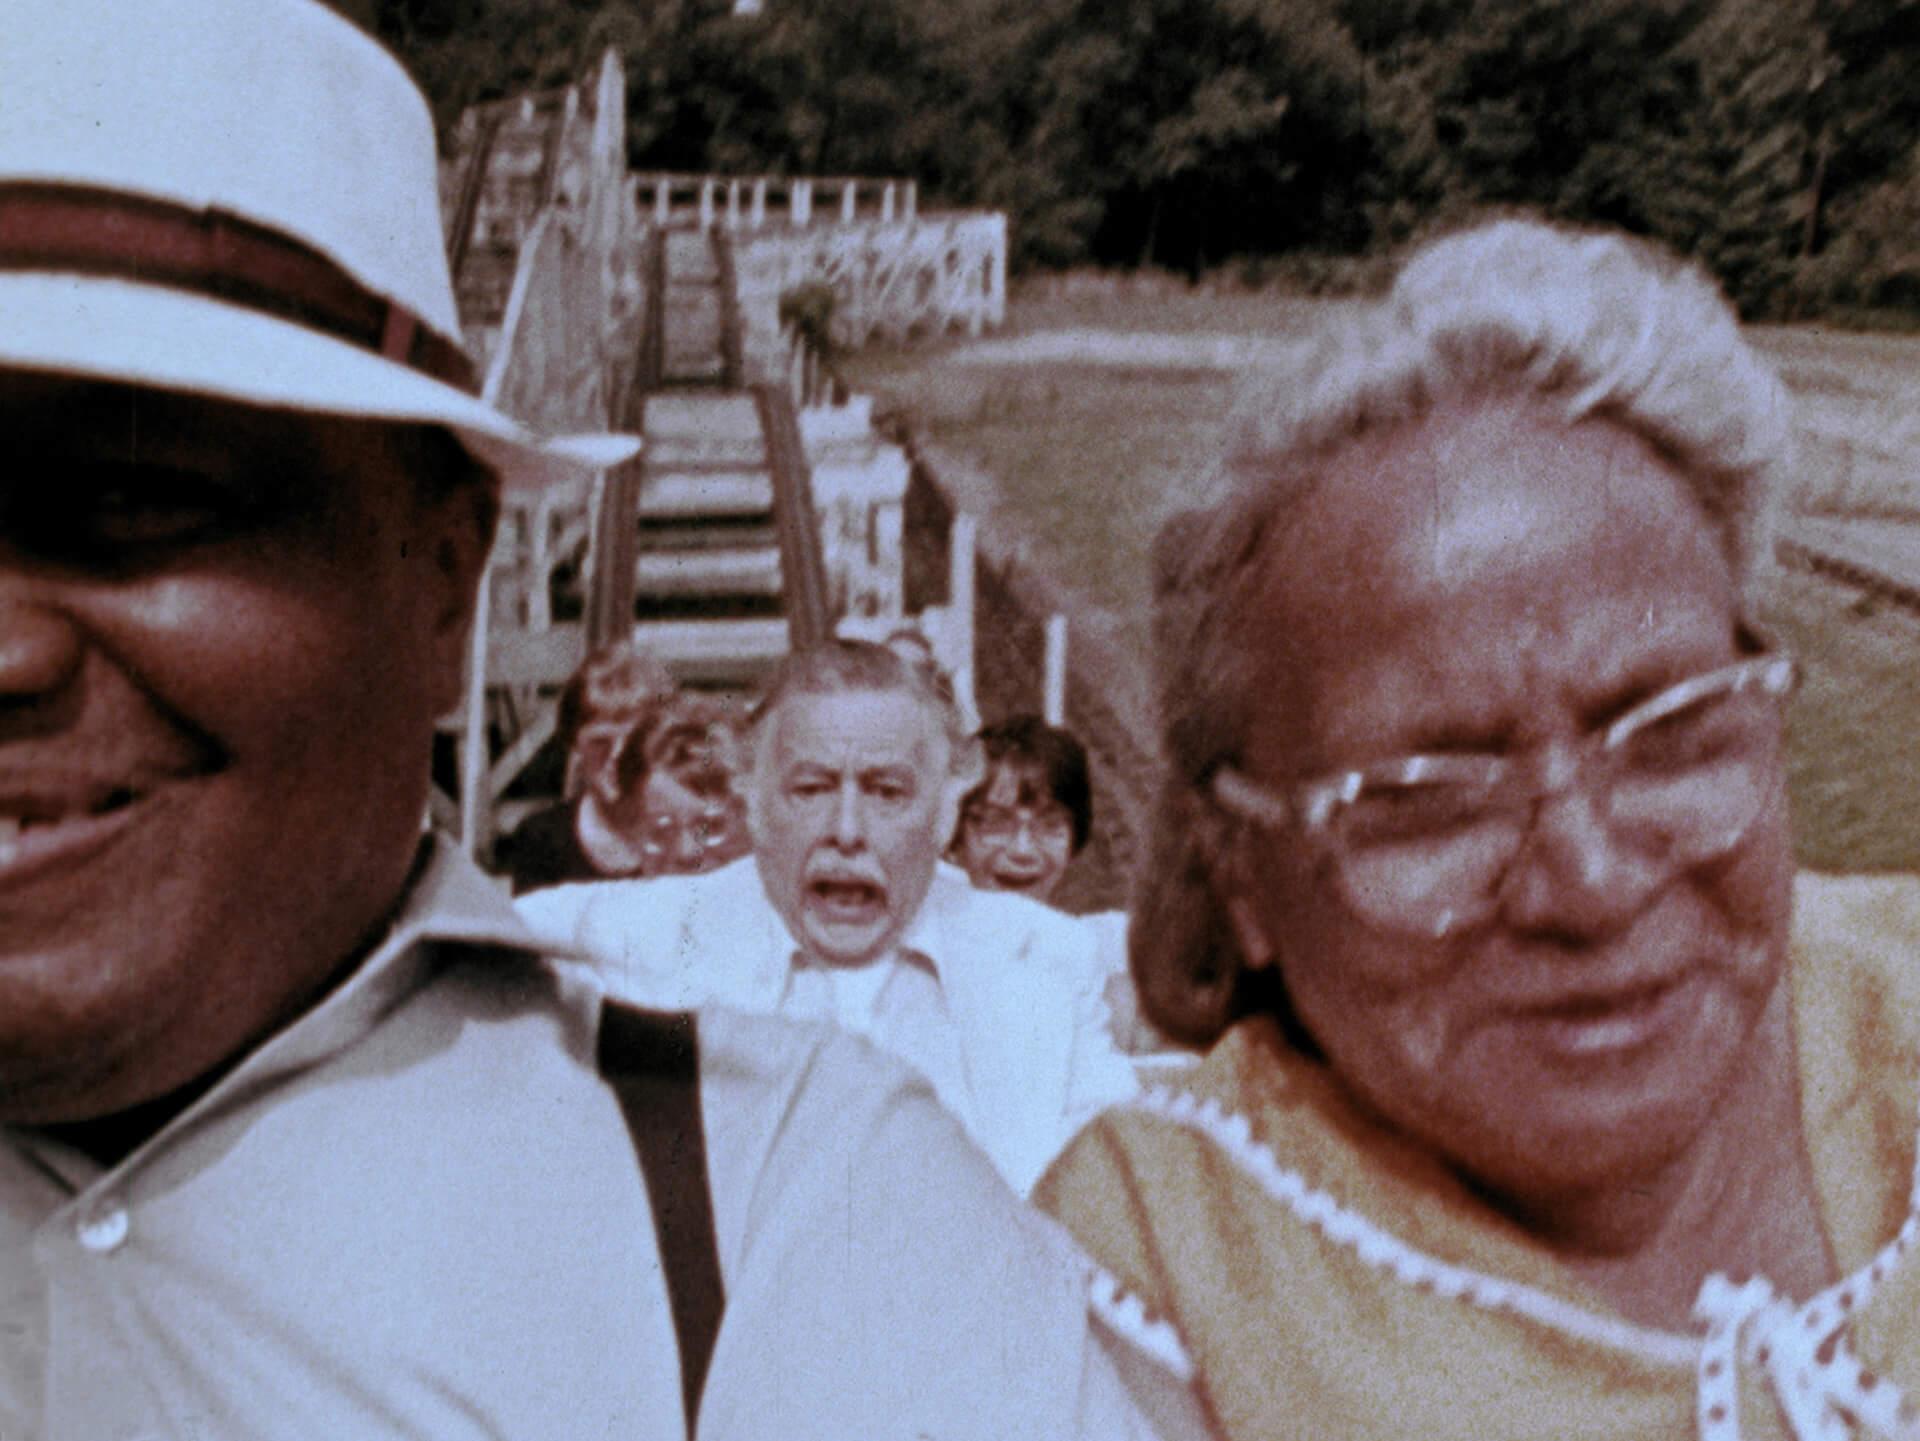 ジョージ・A・ロメロが描く老人の悲惨な状況とは?『アミューズメント・パーク』本編特別映像が解禁! film211014_georgearomero_2